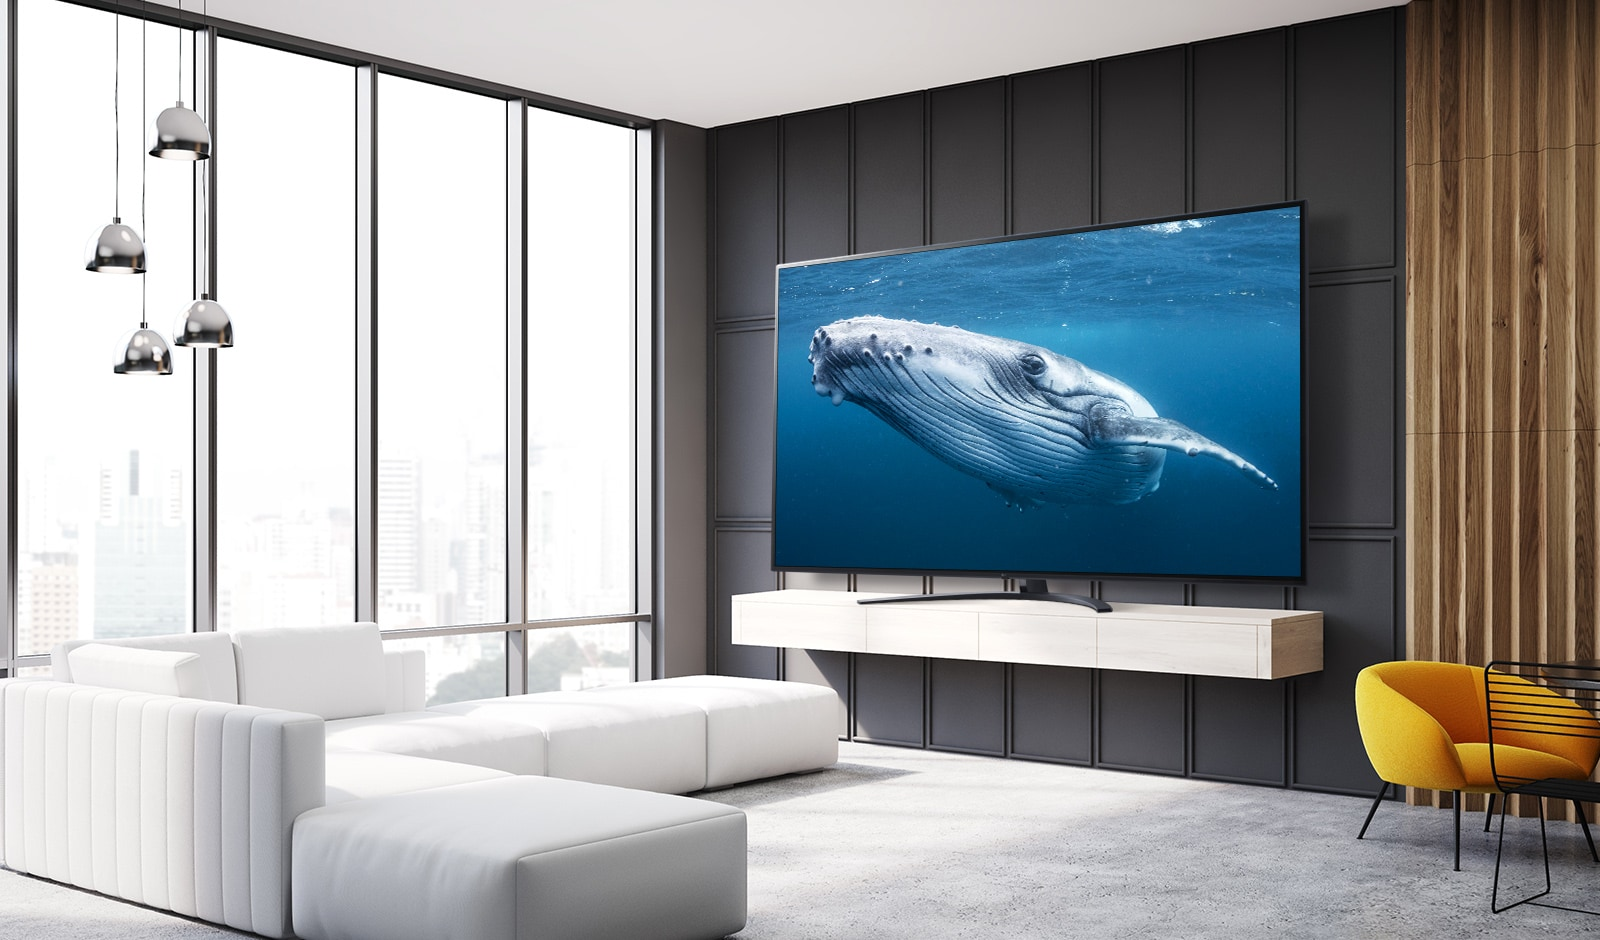 En una sala de estar, hay un televisor de pantalla grande que muestra una imagen de una gran ballena en el mar.